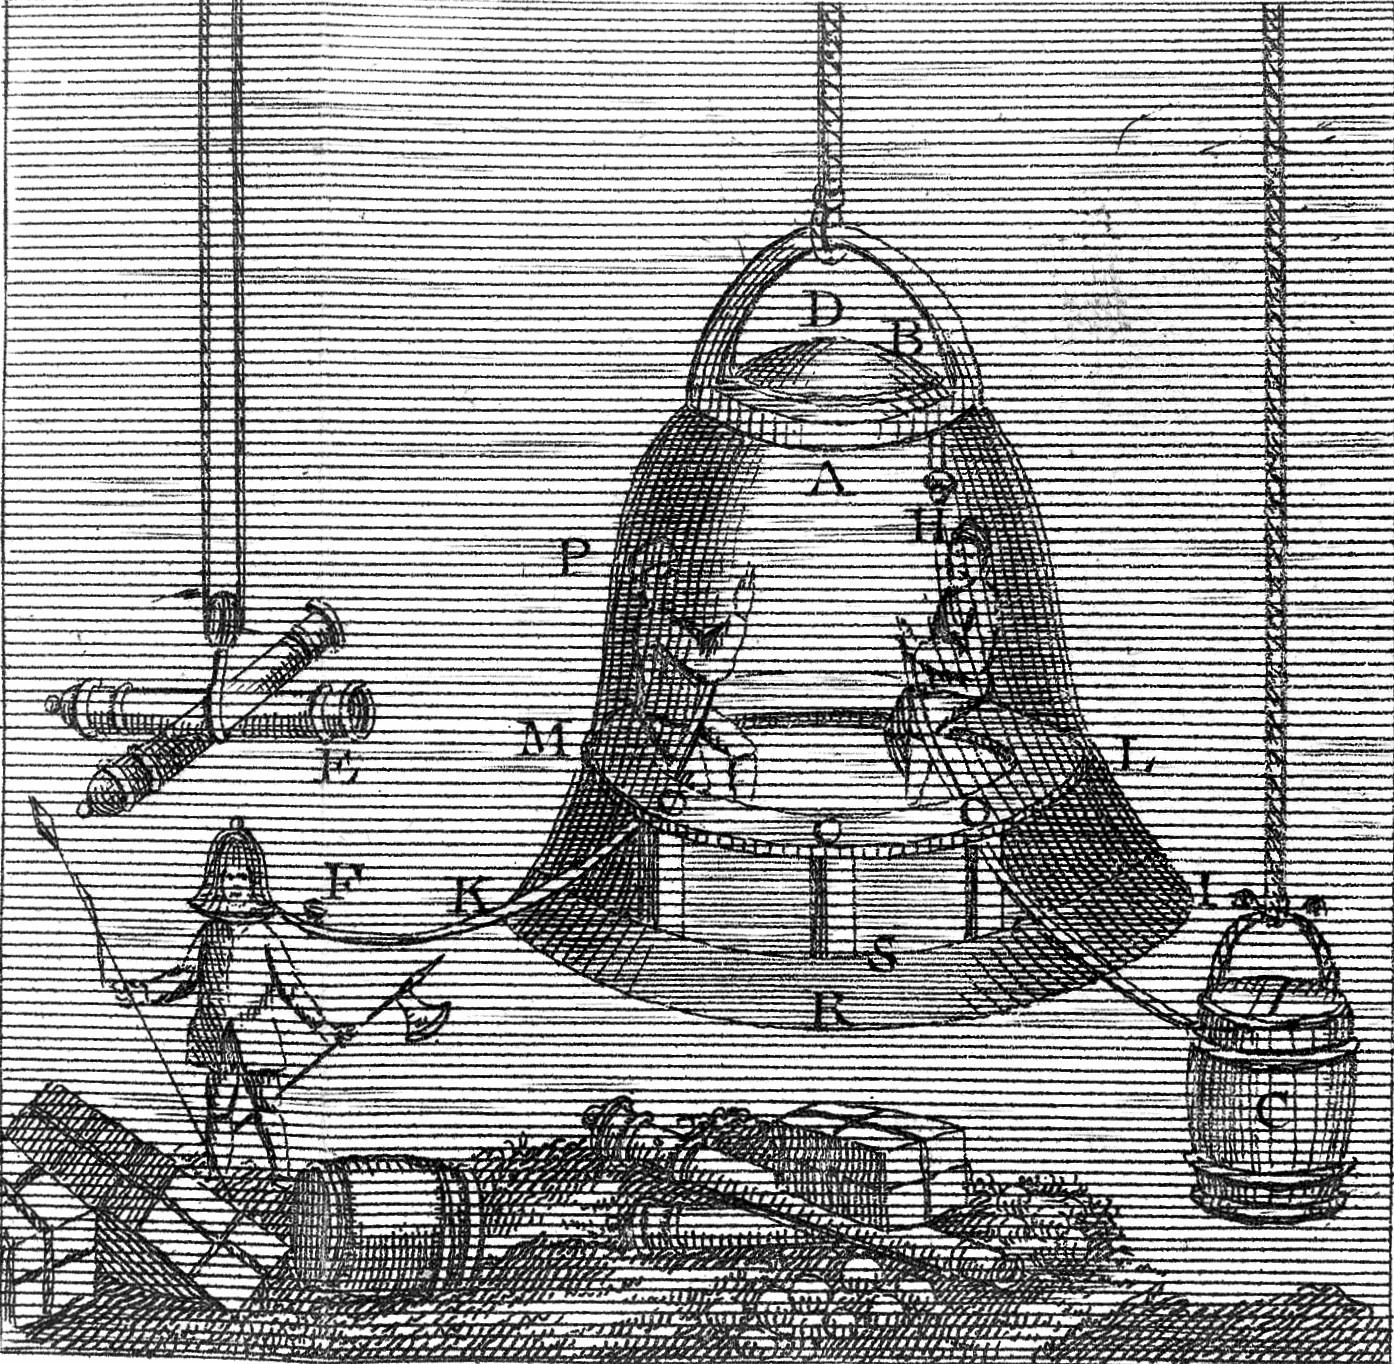 O sino de mergulho faz parte da História do Mergulho